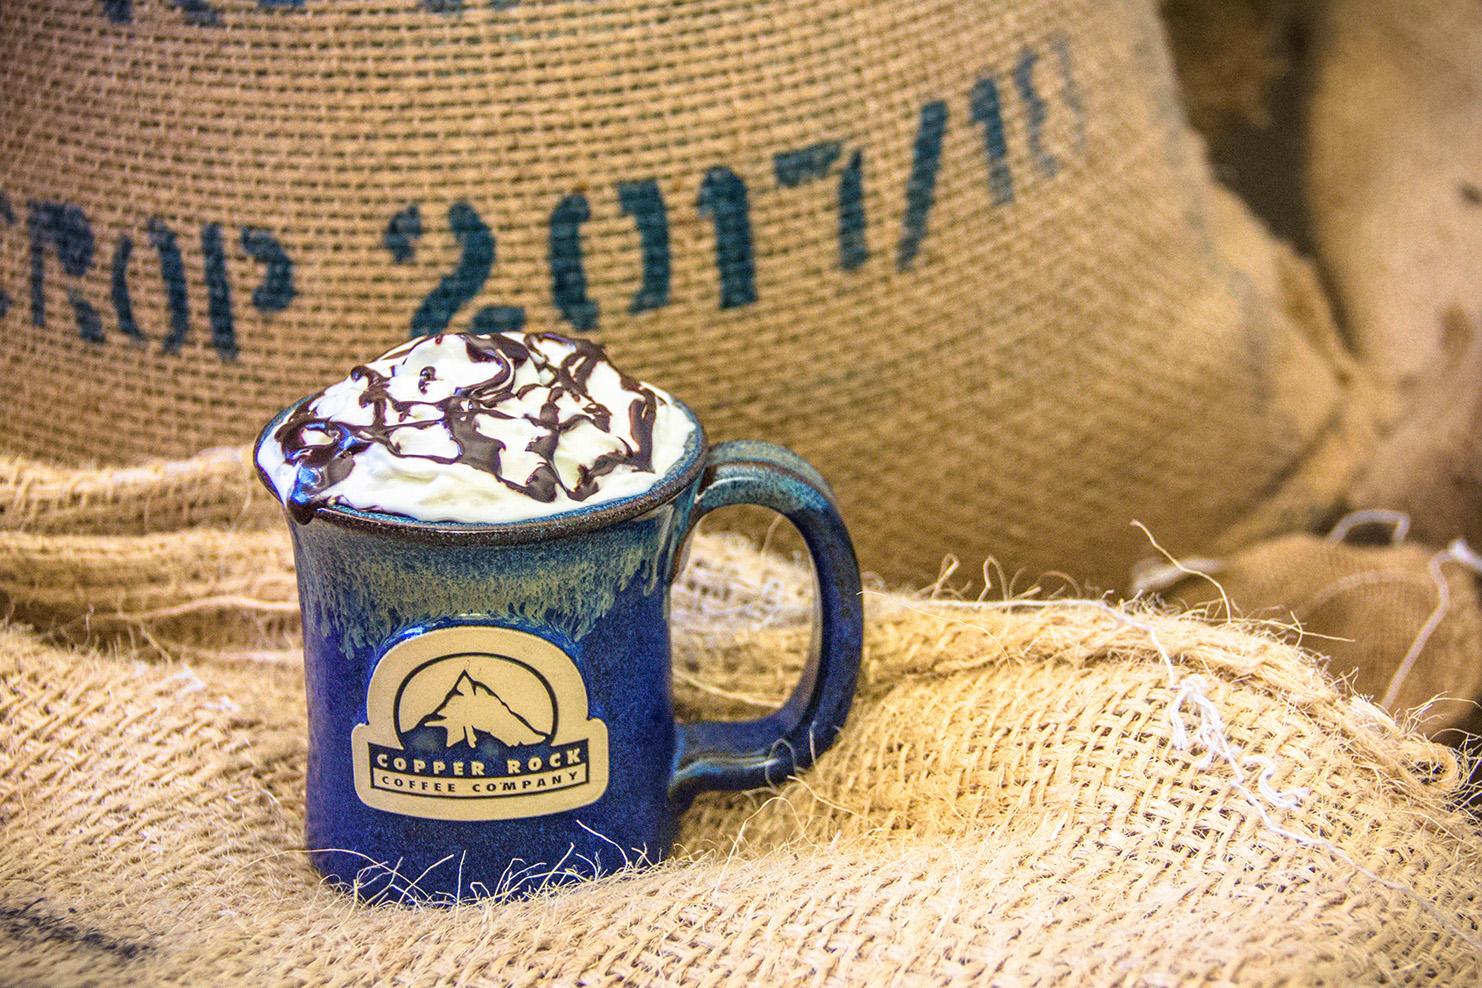 Copper Rock Coffee Company stoneware mug